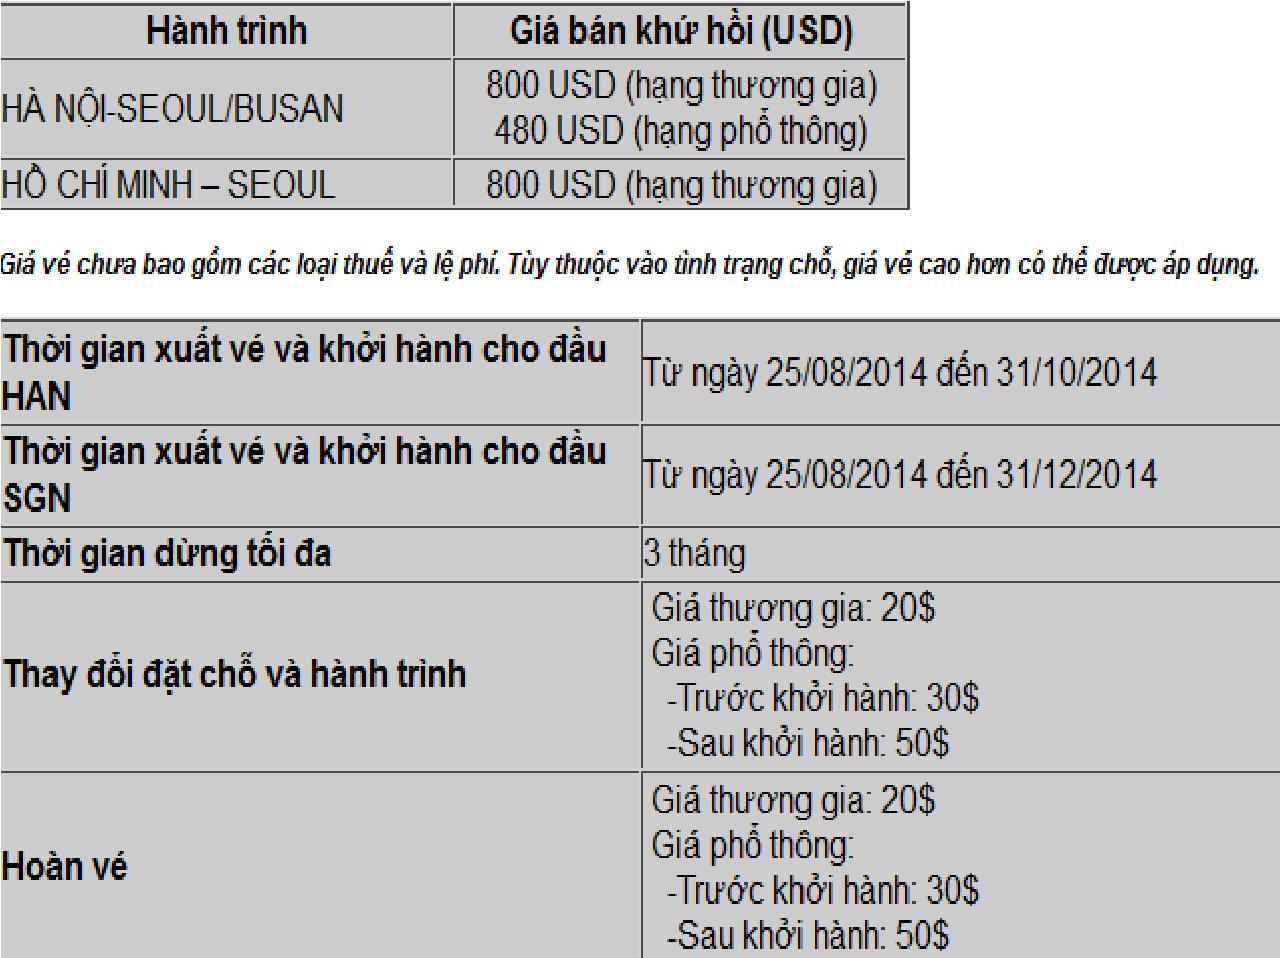 Giá rẻ từ Hà nội/TP.Hồ Chí Minh đi Hàn quốc: Chỉ 480USD/vé khứ hồi hạng Phổ thông